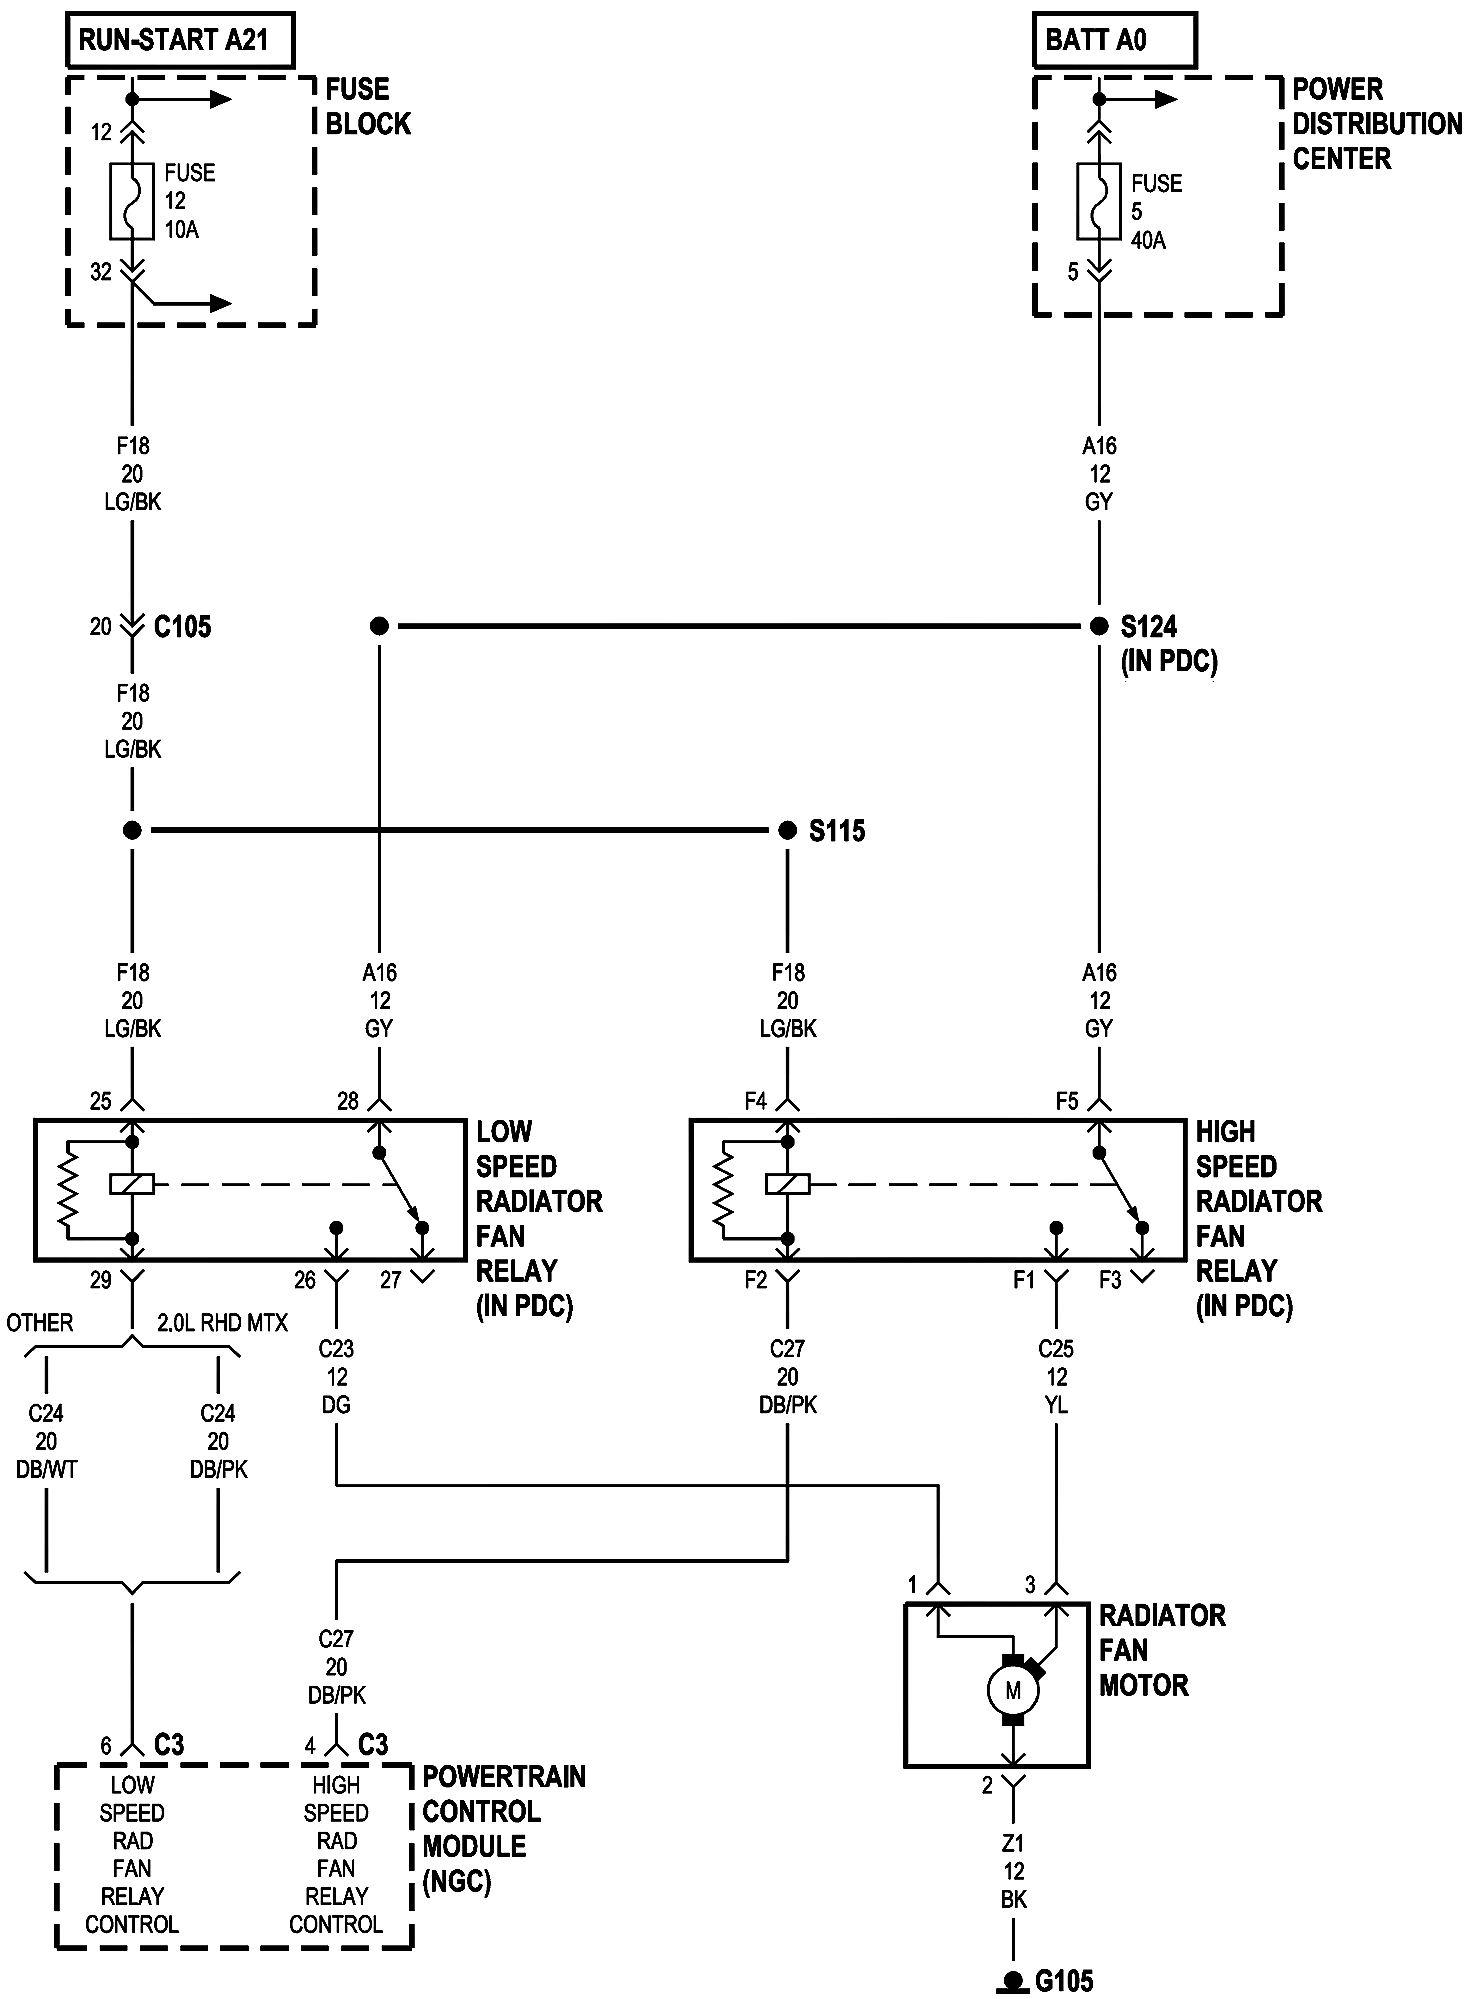 hight resolution of 2006 chrysler pt cruiser fuse diagram basic electronics wiring diagram 2003 pt cruiser wiring diagram